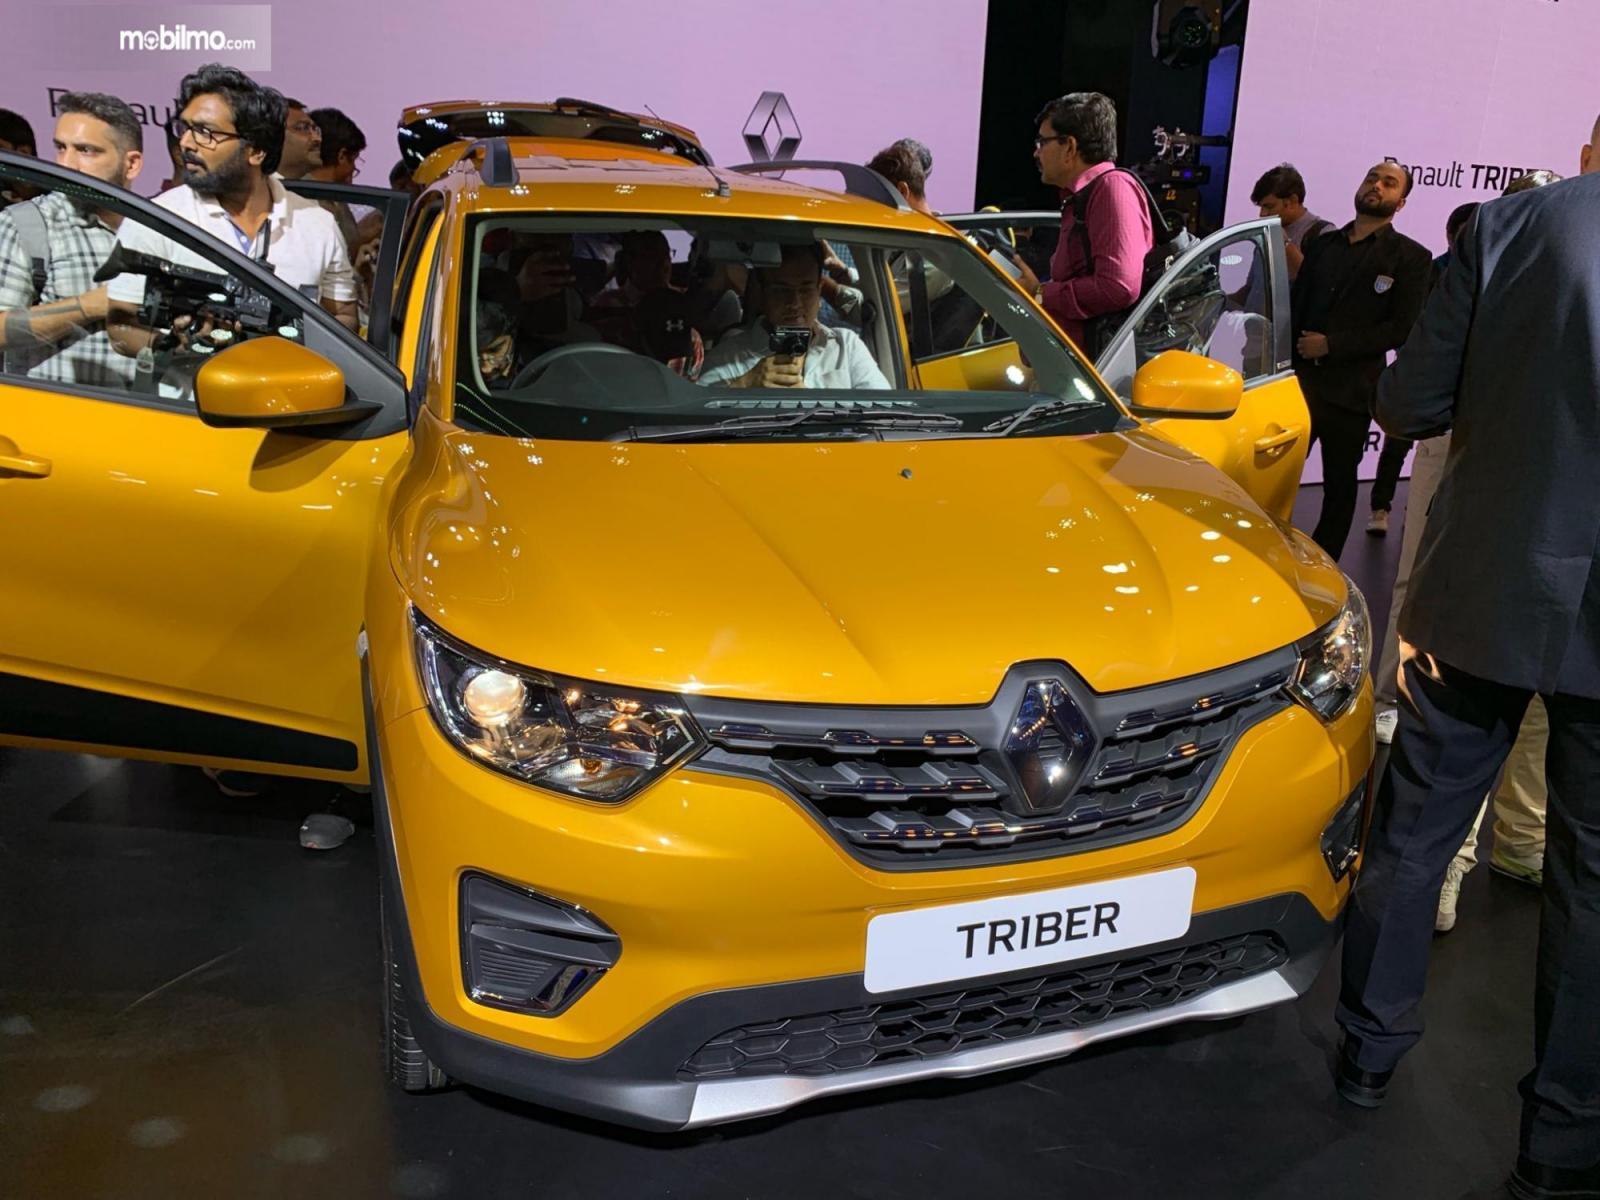 Foto Renault Triber dikerubuti masyarakat yang ingin melihat dari dekat